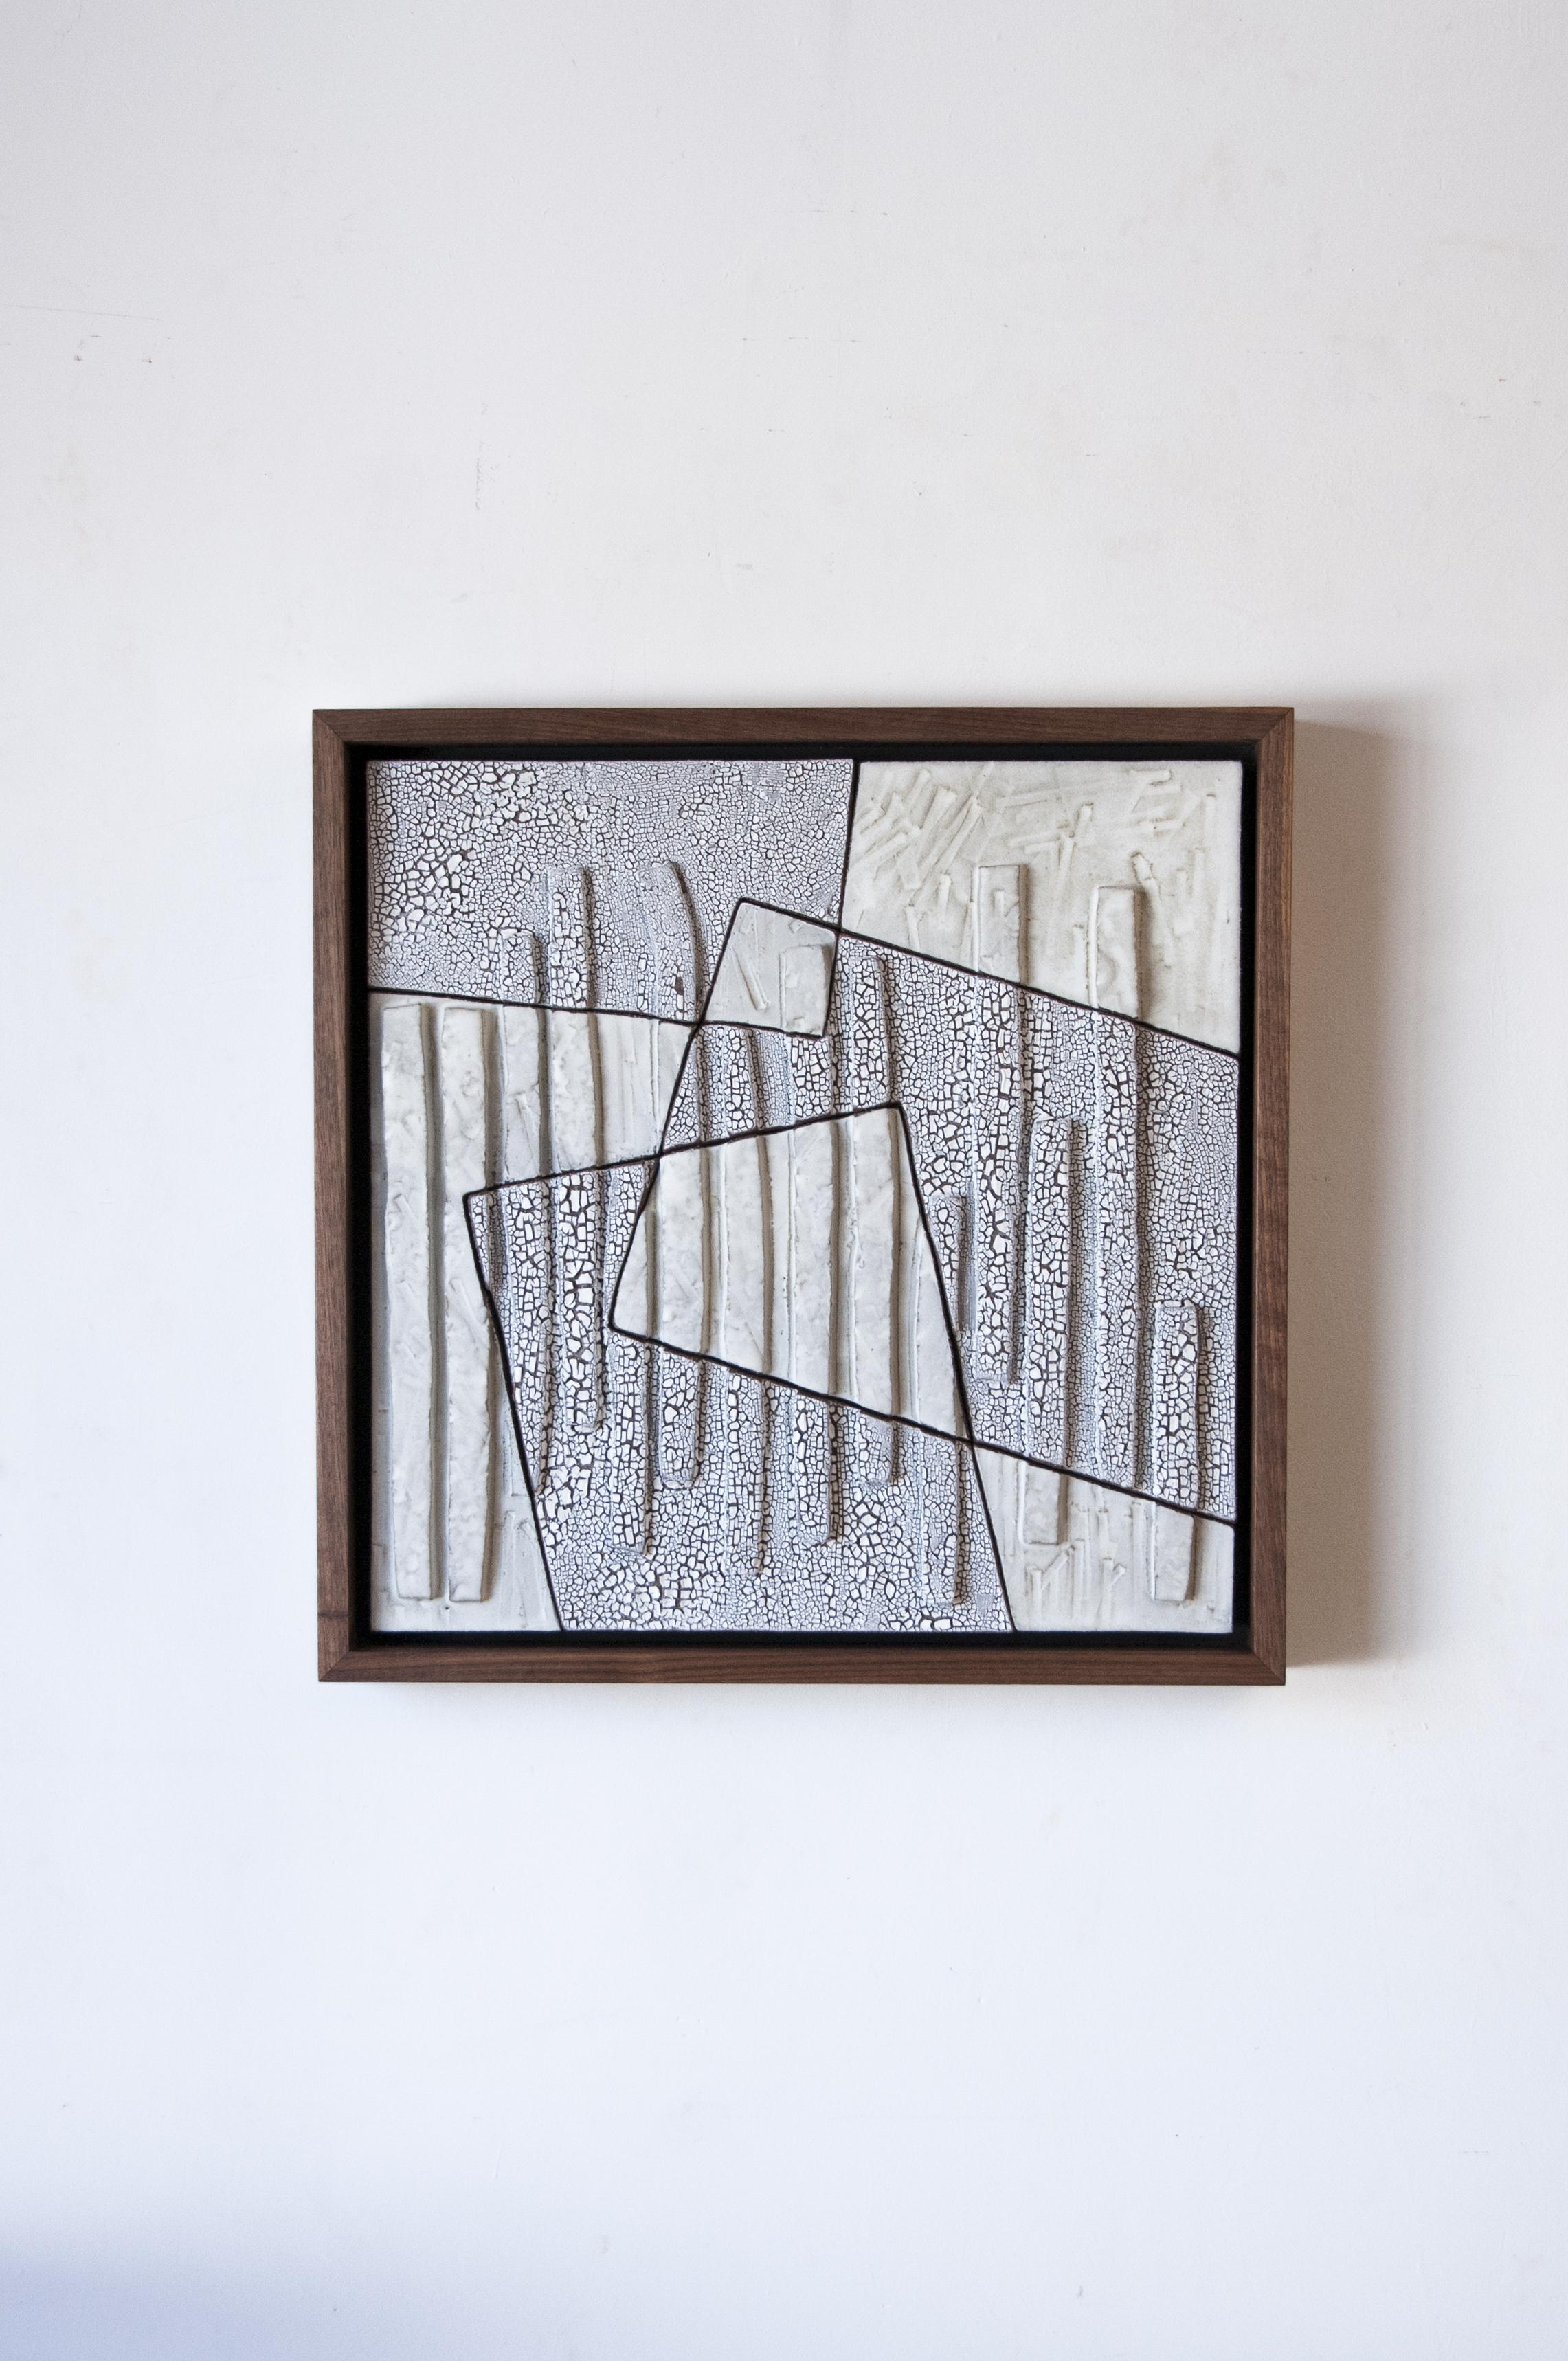 Ben Medansky, Tangled Rectangles, 2021